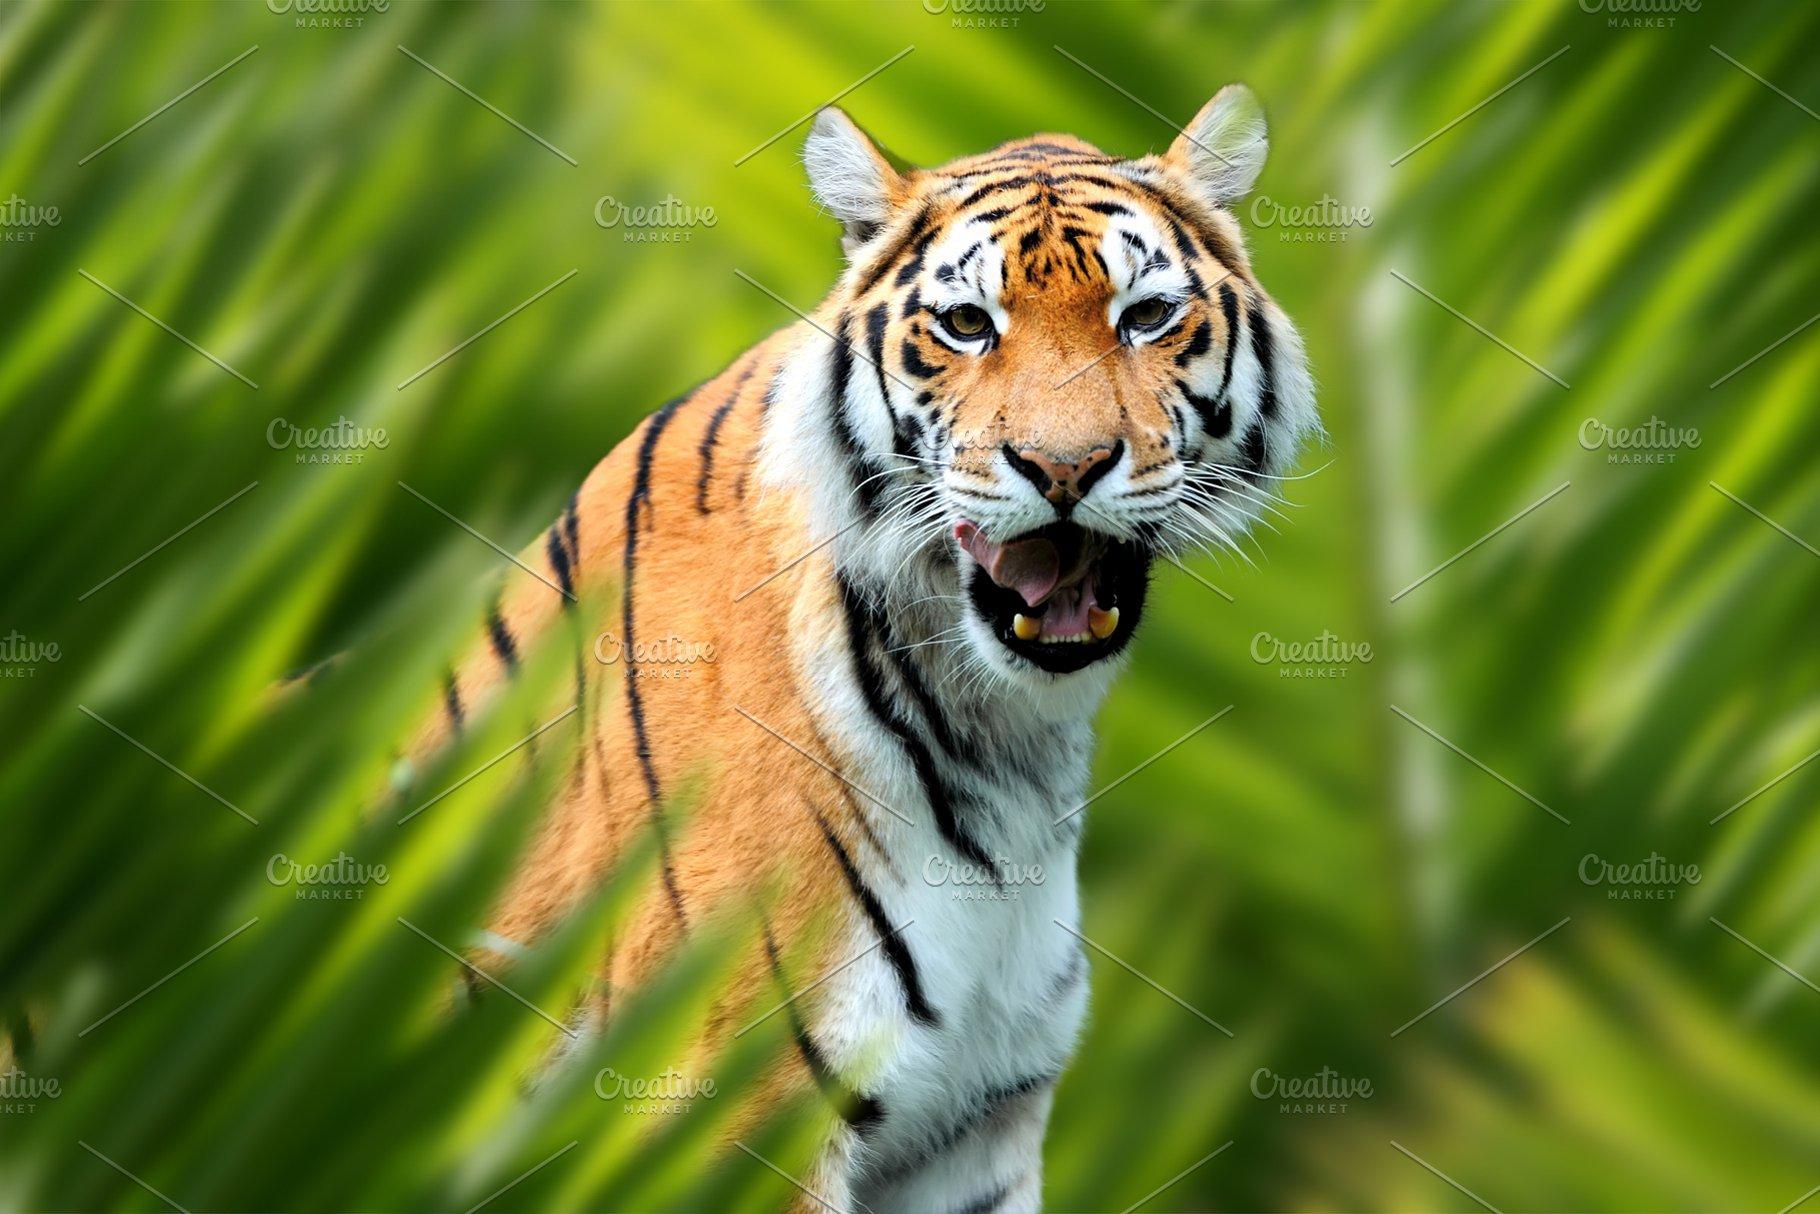 Tiger portrait in jungle